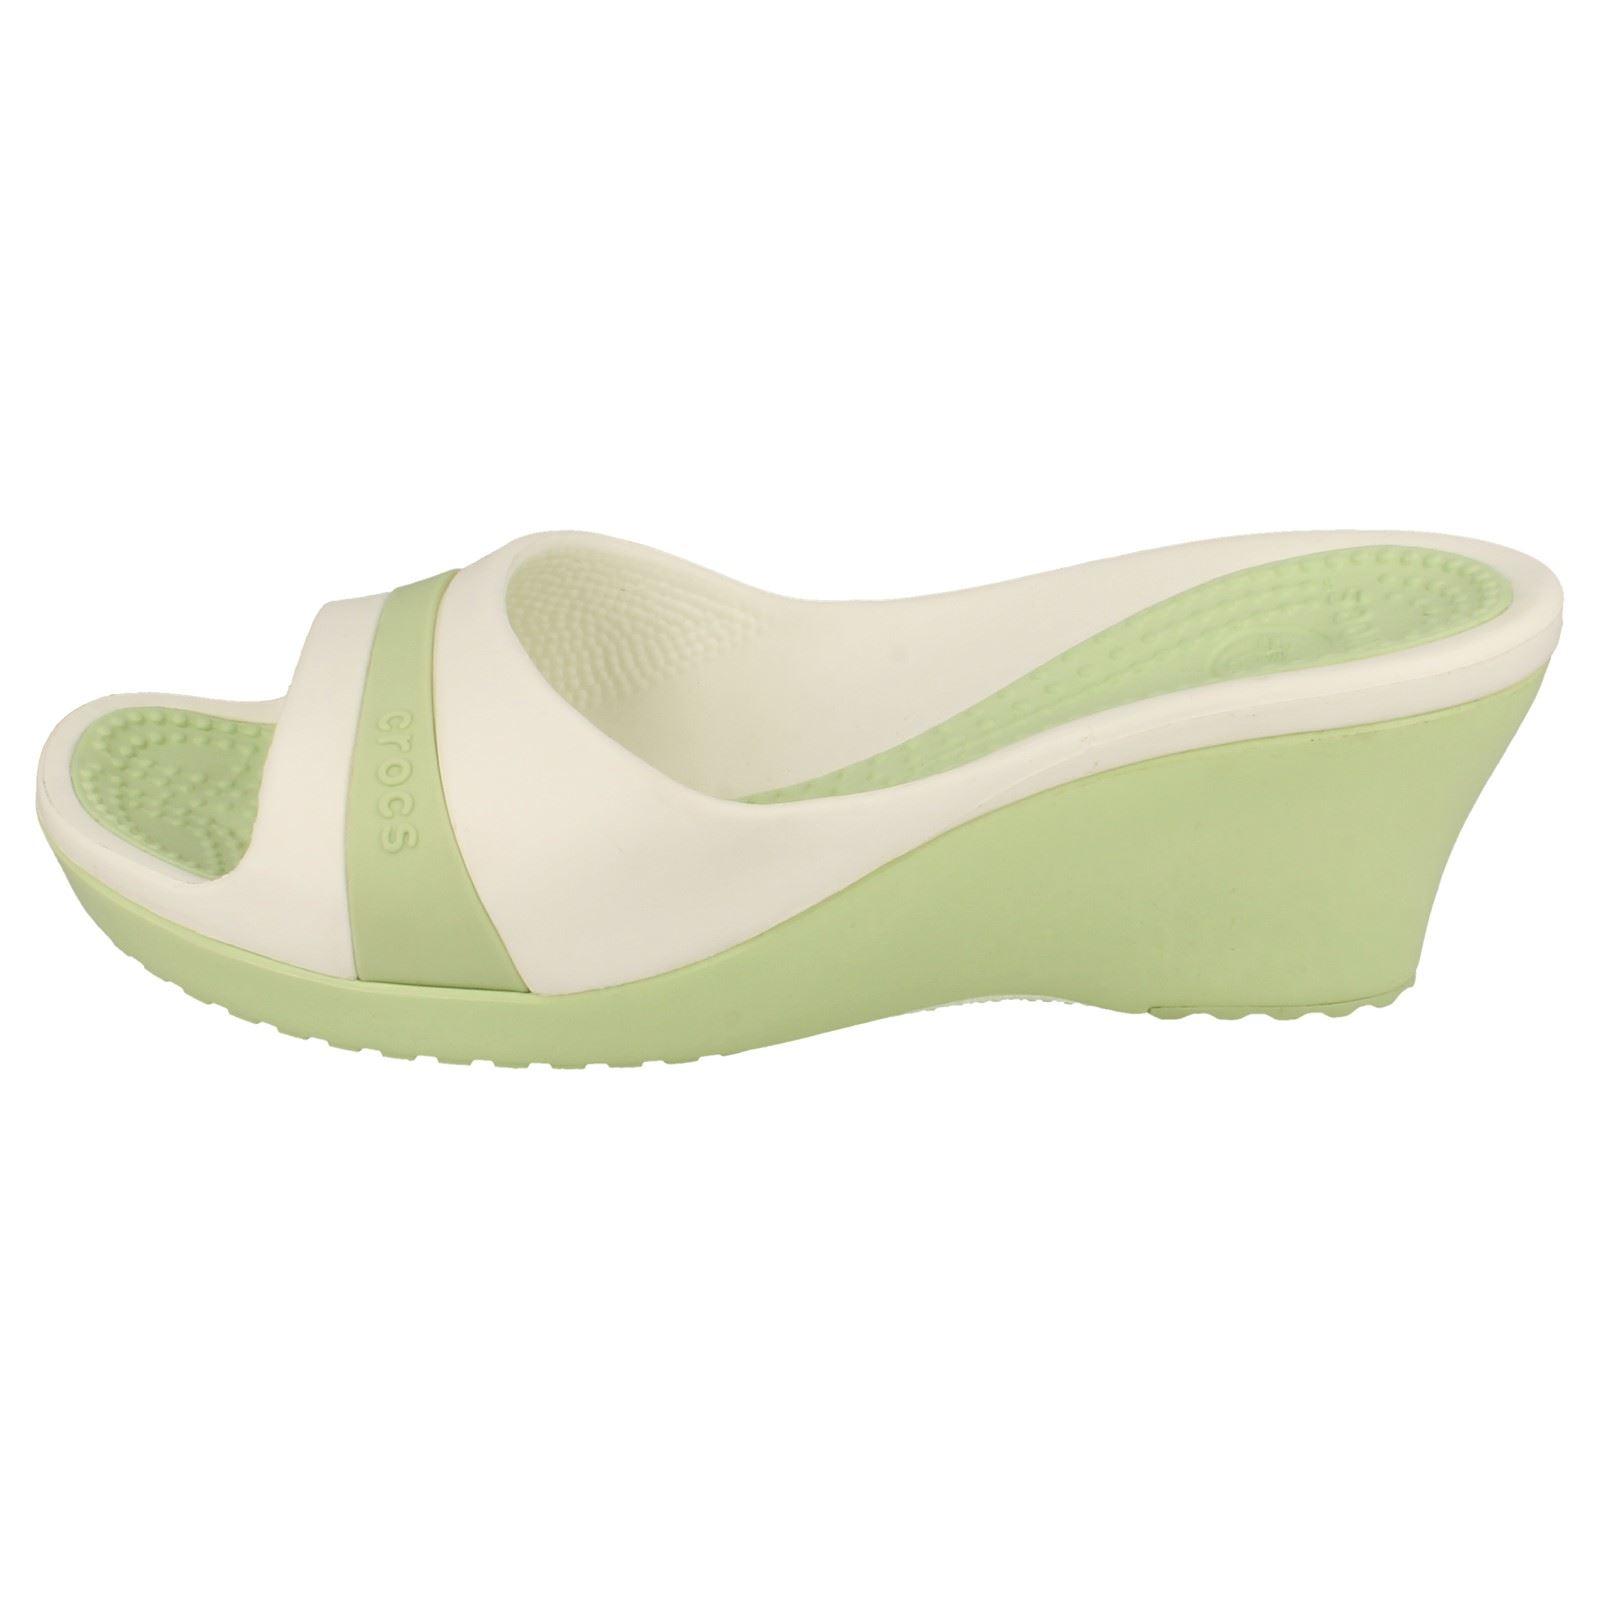 Softlites Shoes Uk